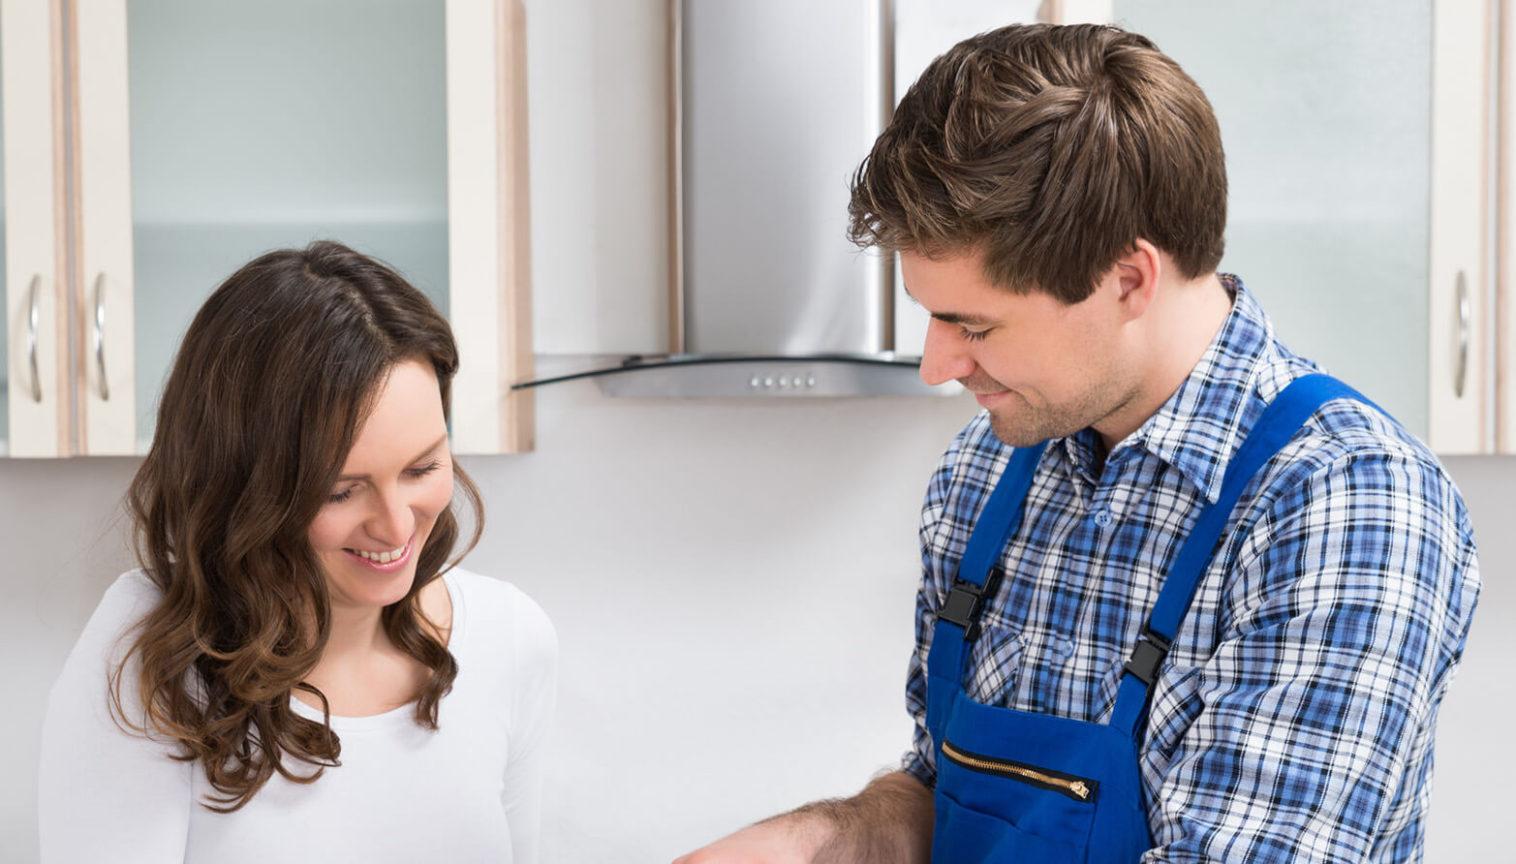 Como vender manutenção preventiva para seus clientes?